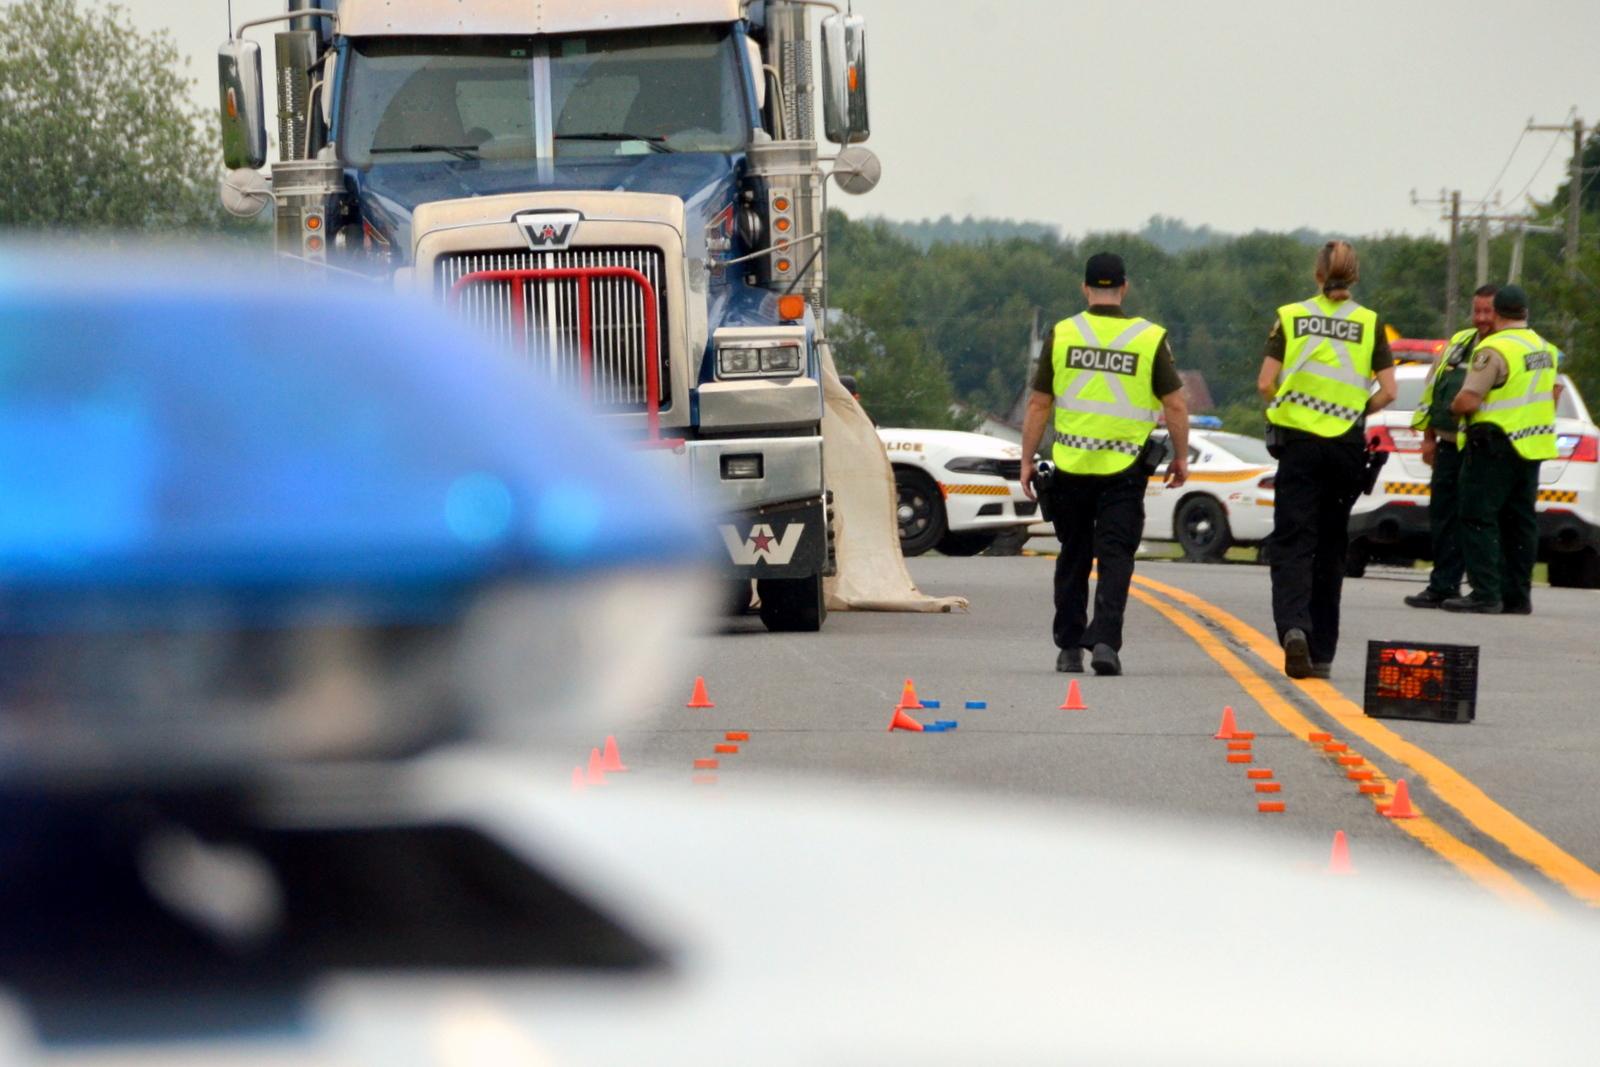 camionneurs site de rencontre mon fils de 19 ans sort avec un enfant de 15 ans